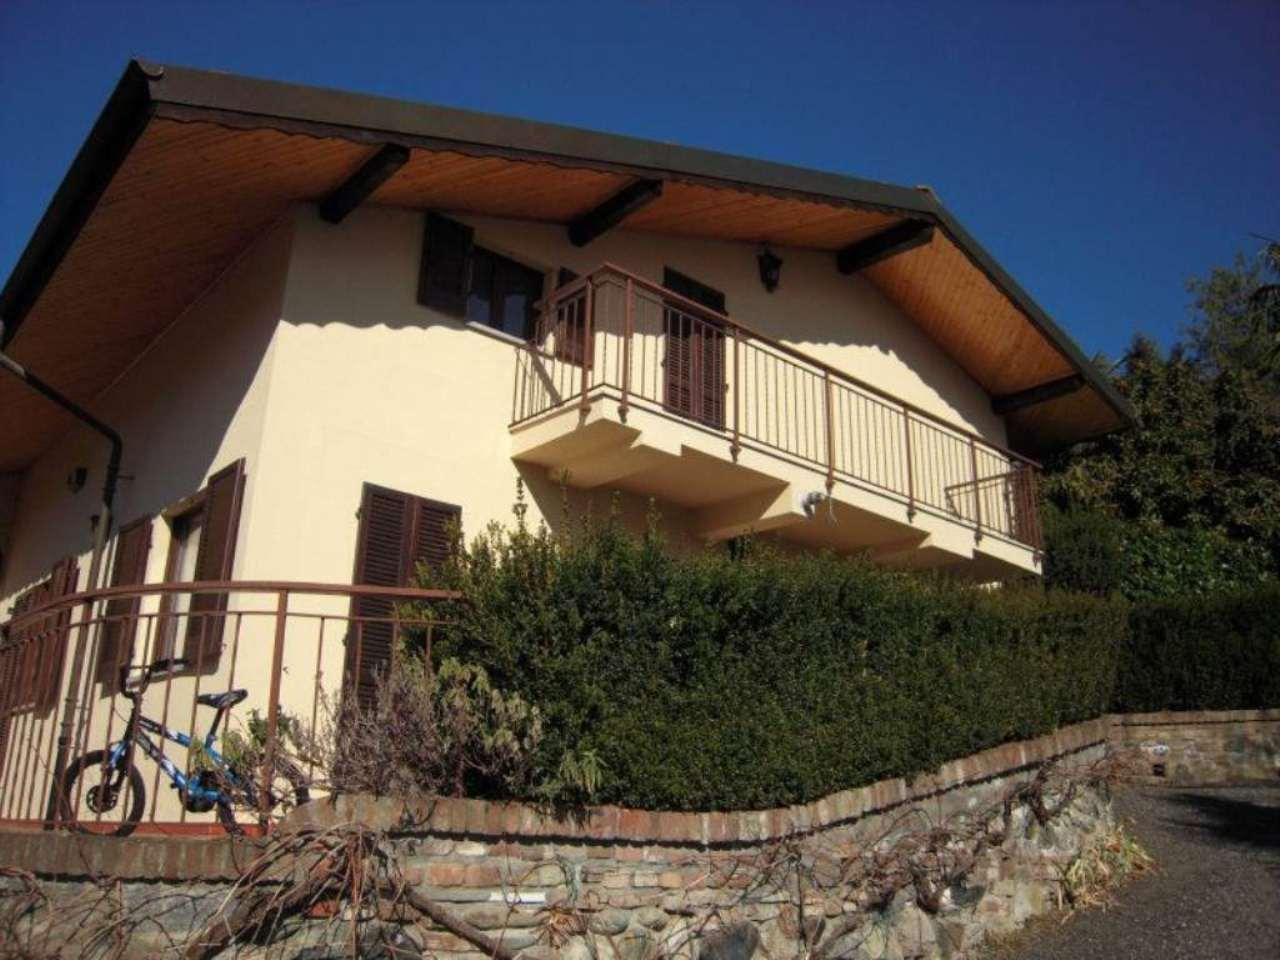 Villa in affitto a Torino, 6 locali, zona Zona: 5 . Collina, Precollina, Crimea, Borgo Po, Granmadre, Madonna del Pilone, prezzo € 1.400 | Cambio Casa.it